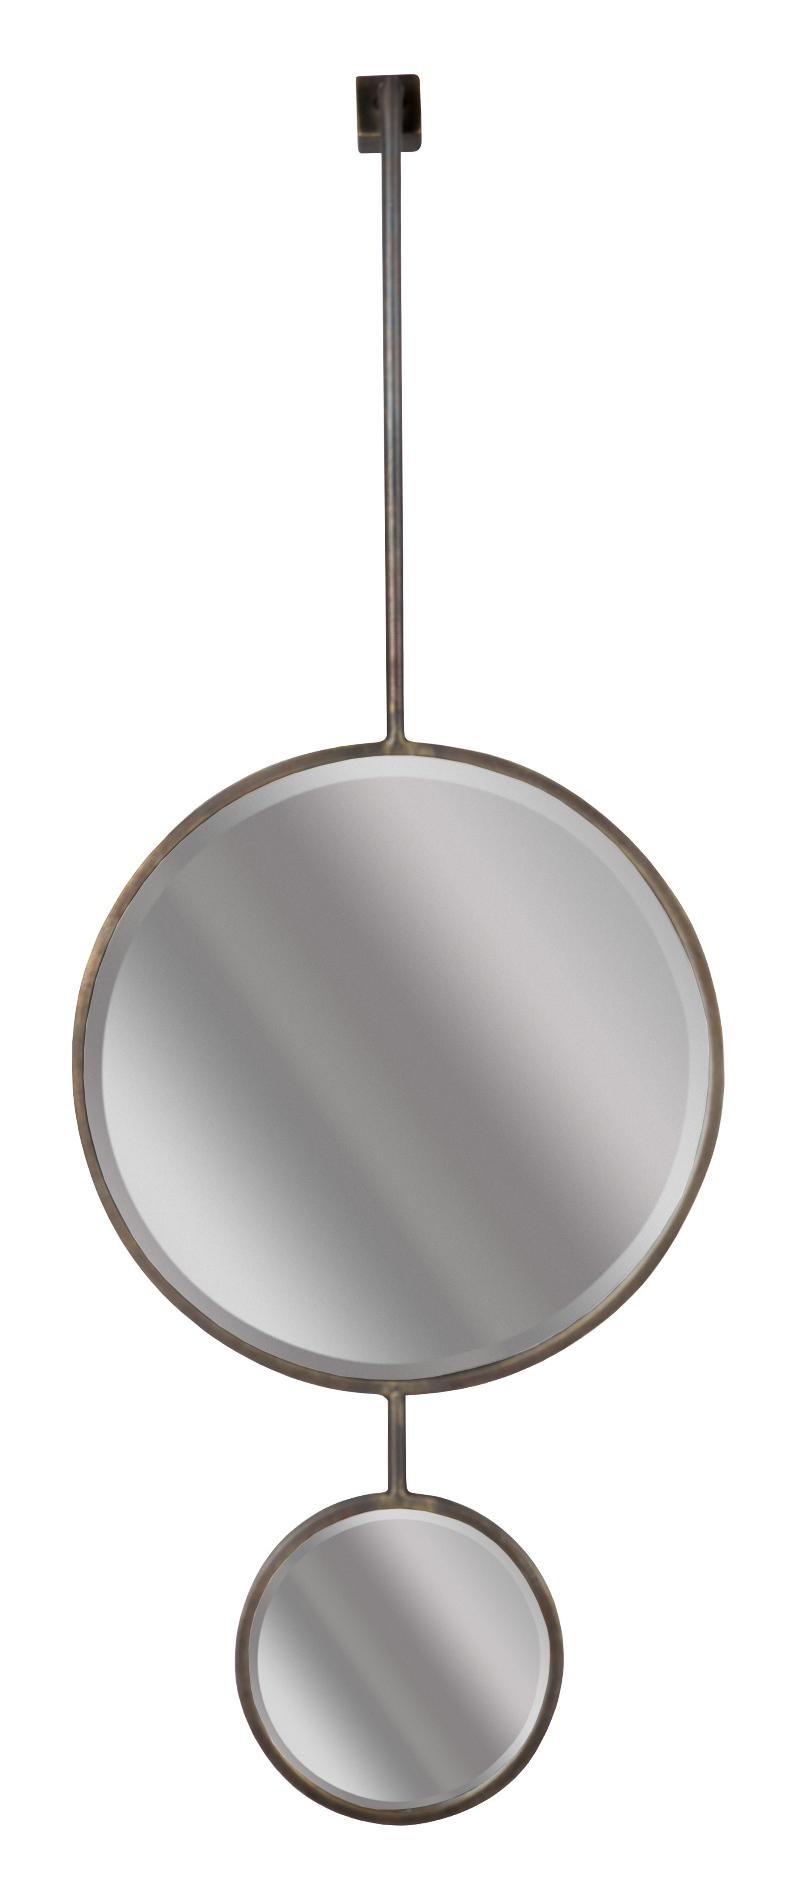 BePureHome Spiegel 'Chain' 108 x 40cm, kleur Antique Black BePureHome 30974 kopen